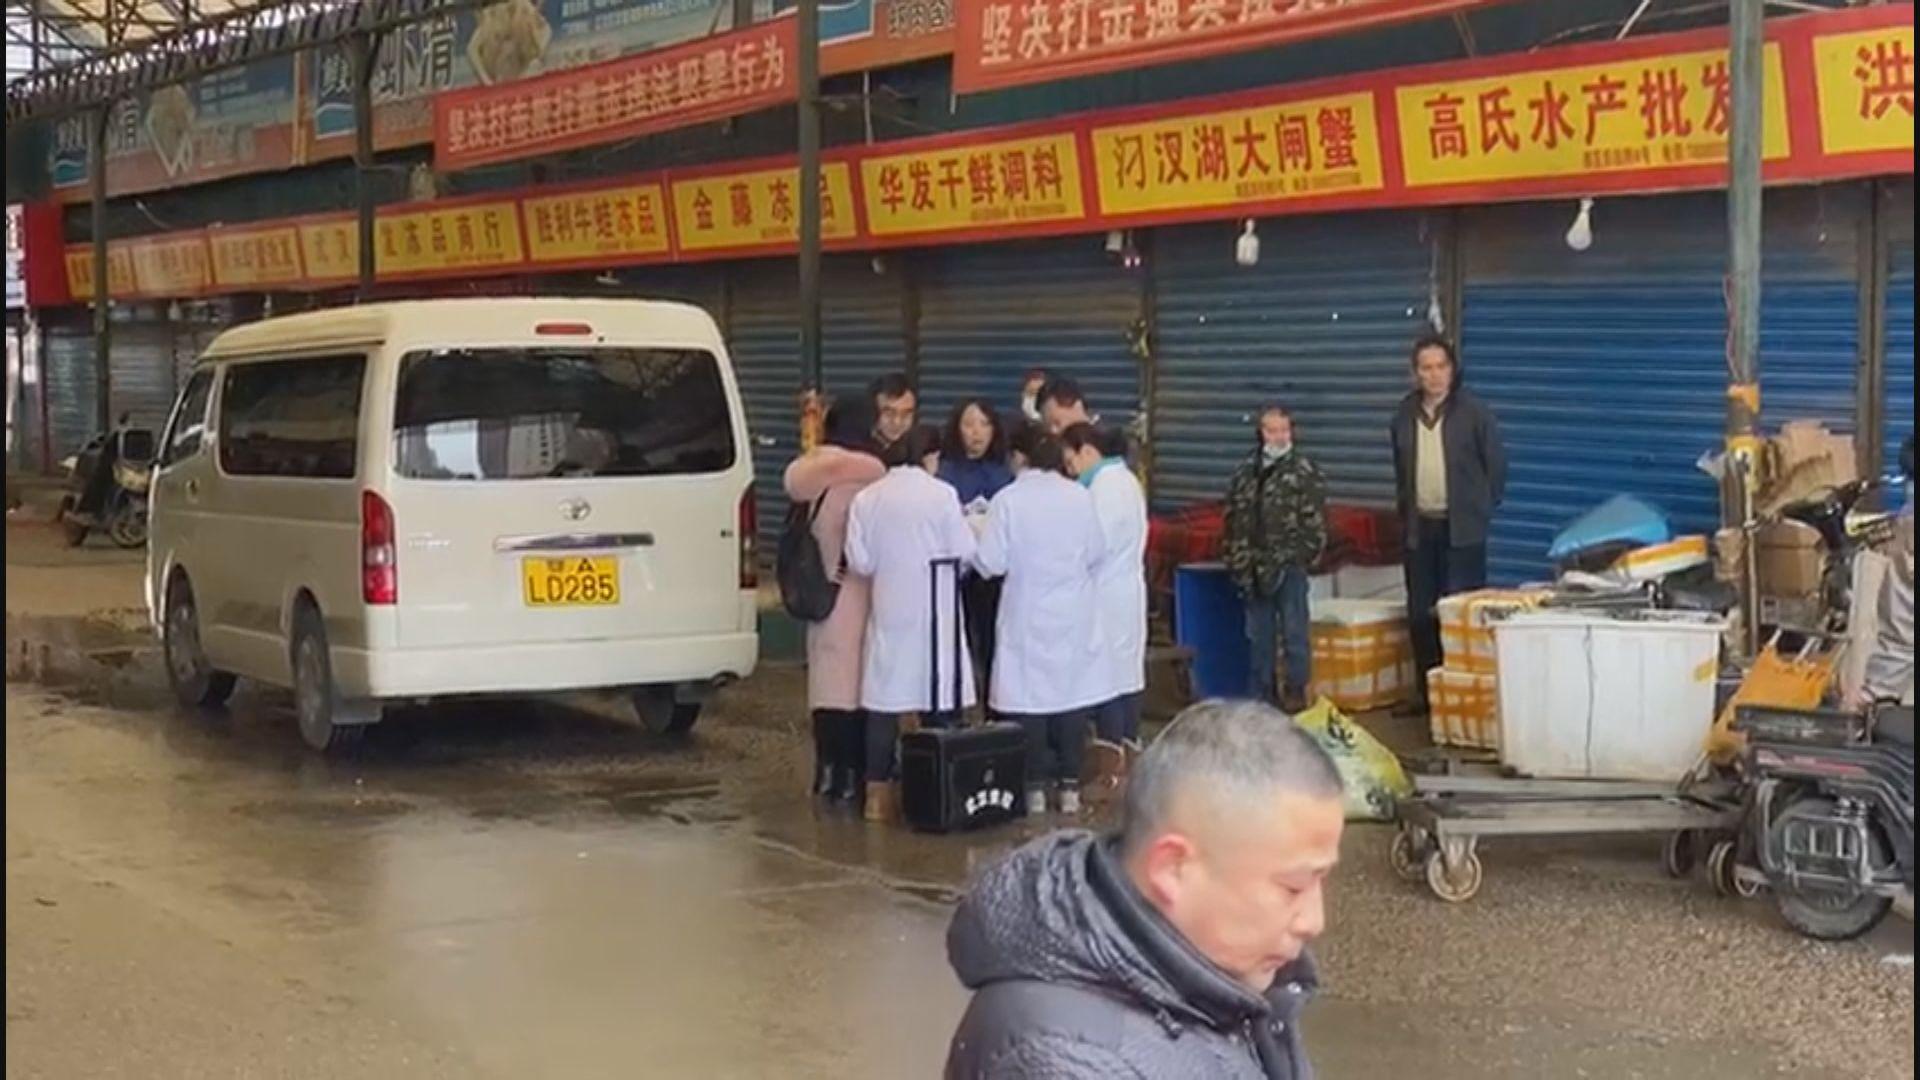 據報武漢市場附近有居民染不明原因肺炎